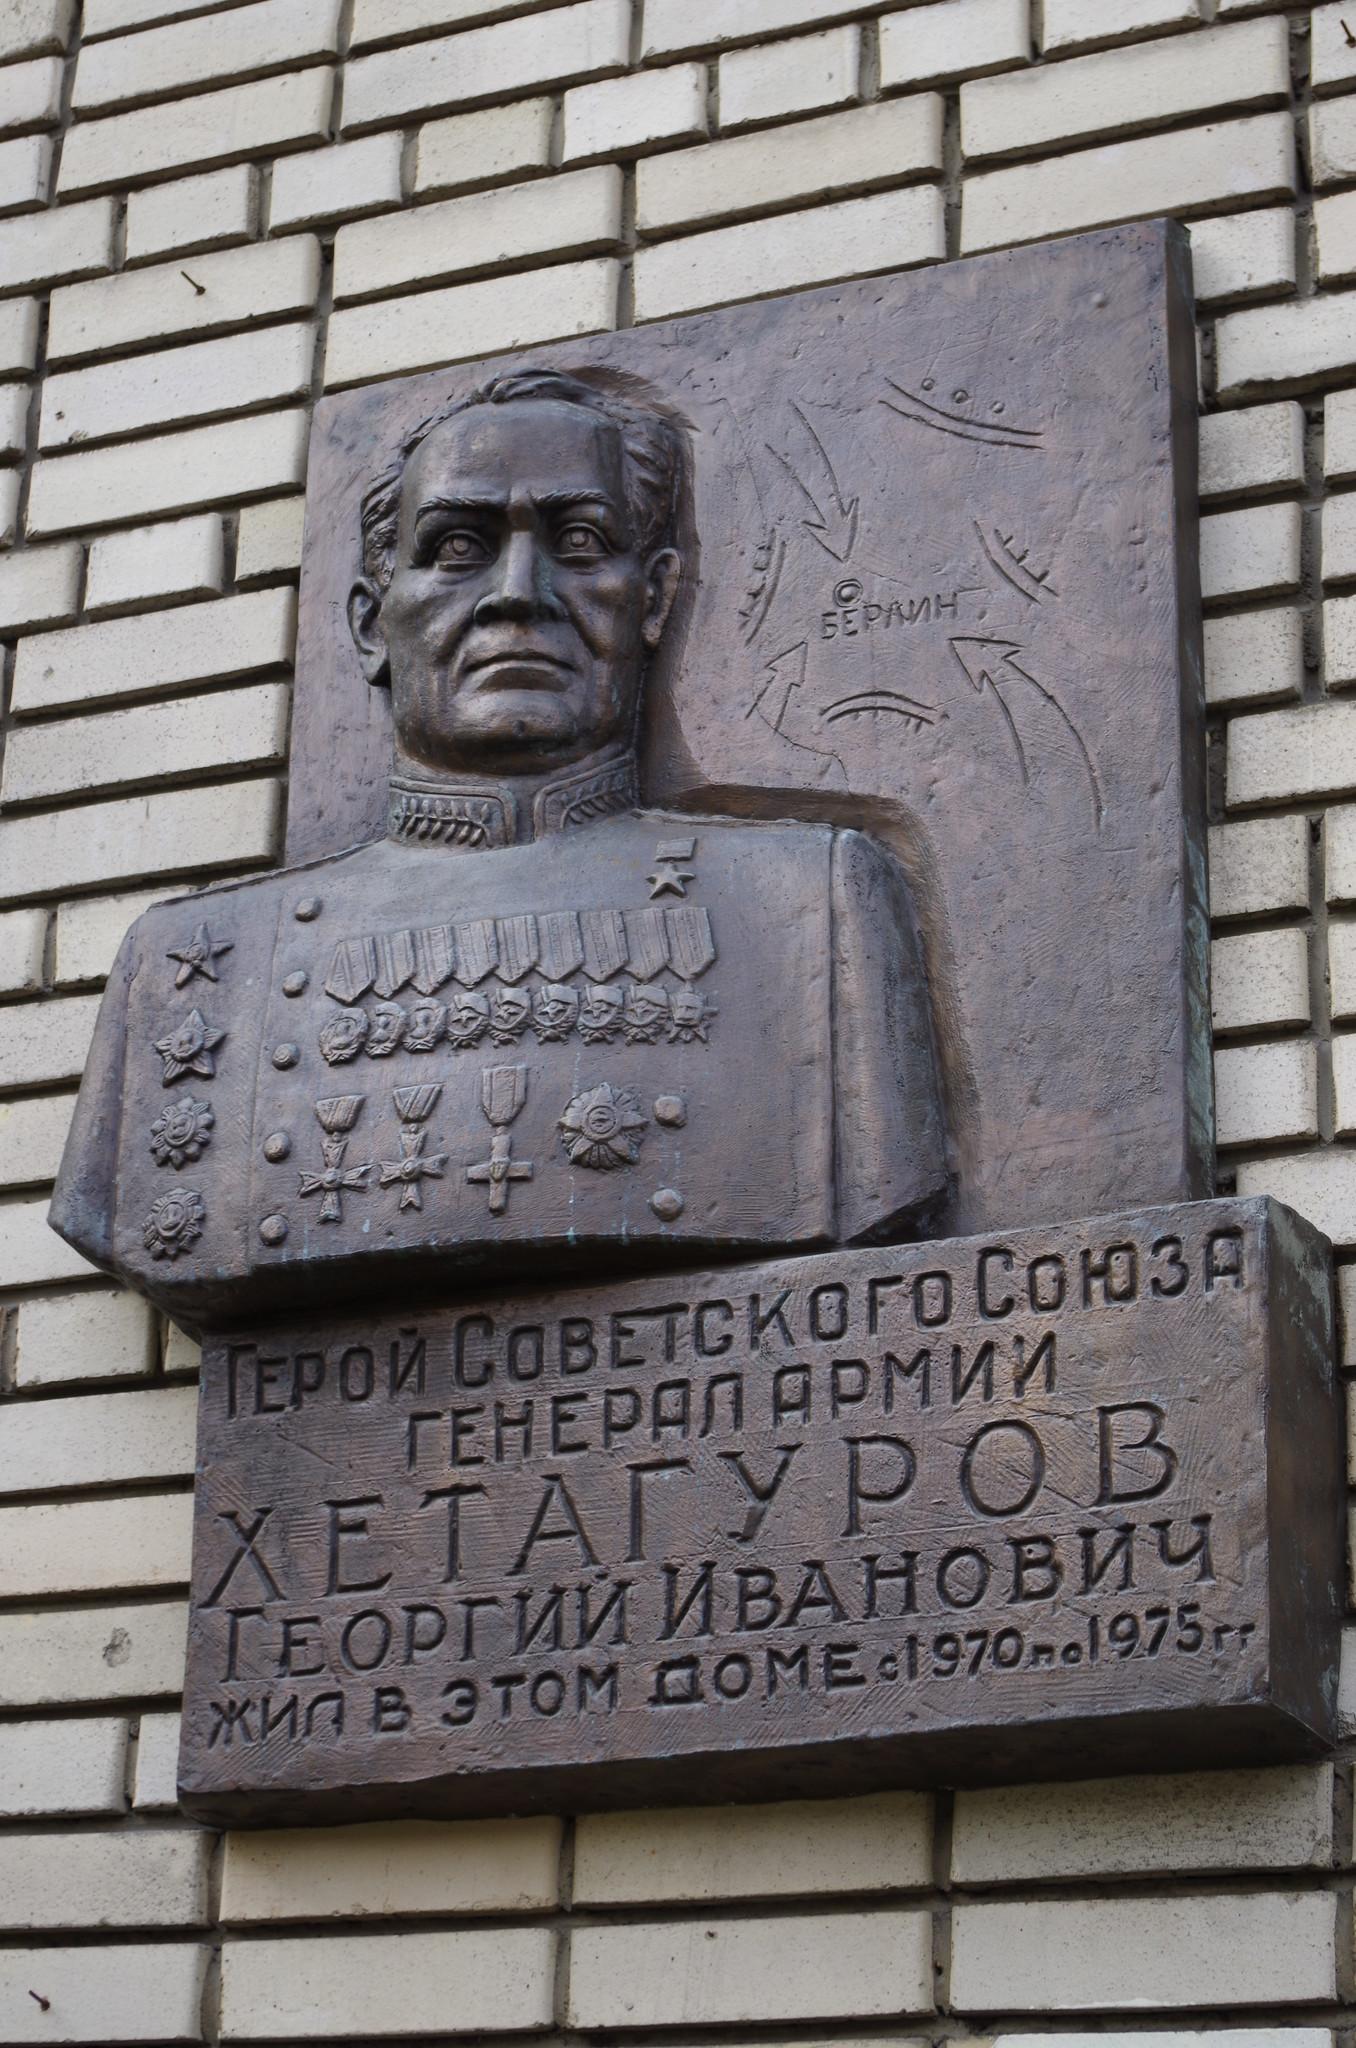 Мемориальная доска на фасаде дома (Большой Афанасьевский переулок, дом 25), в котором жил Герой Советского Союза, генерал армии Георгий Иванович Хетагуров с 1970 года по 1975 год